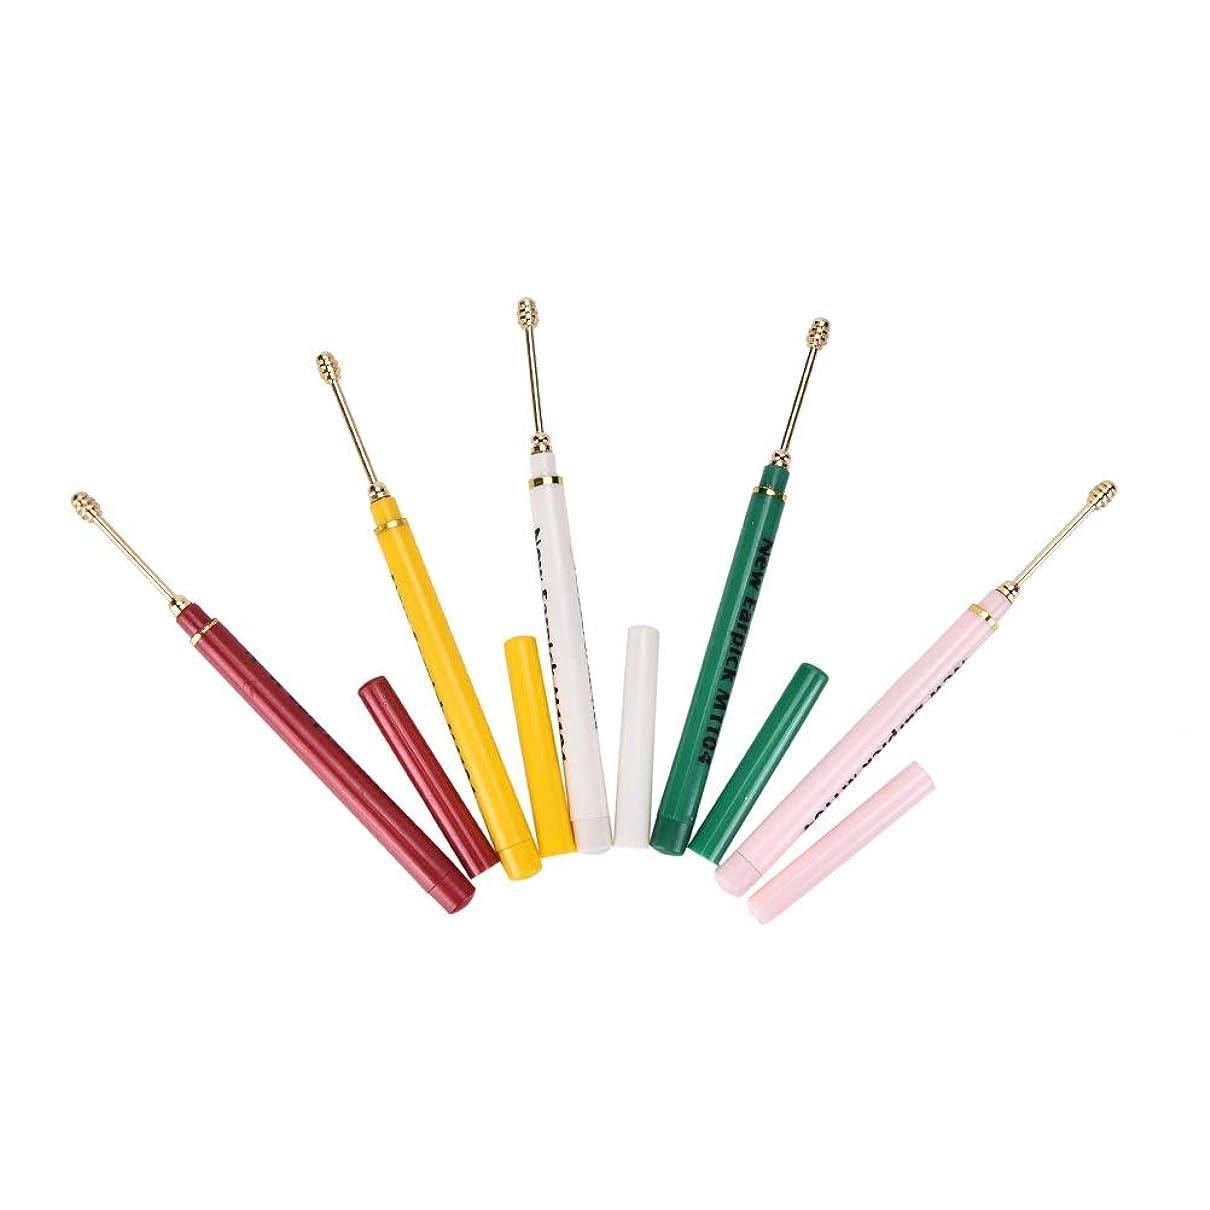 修理工コンペ請求ZHQI-GH ランダムカラー2ピースイヤホンスプーンツールクリーン耳ワックスキュレットリムーバーヘルスケアカラフルなギフト (Color : Multi-colored)